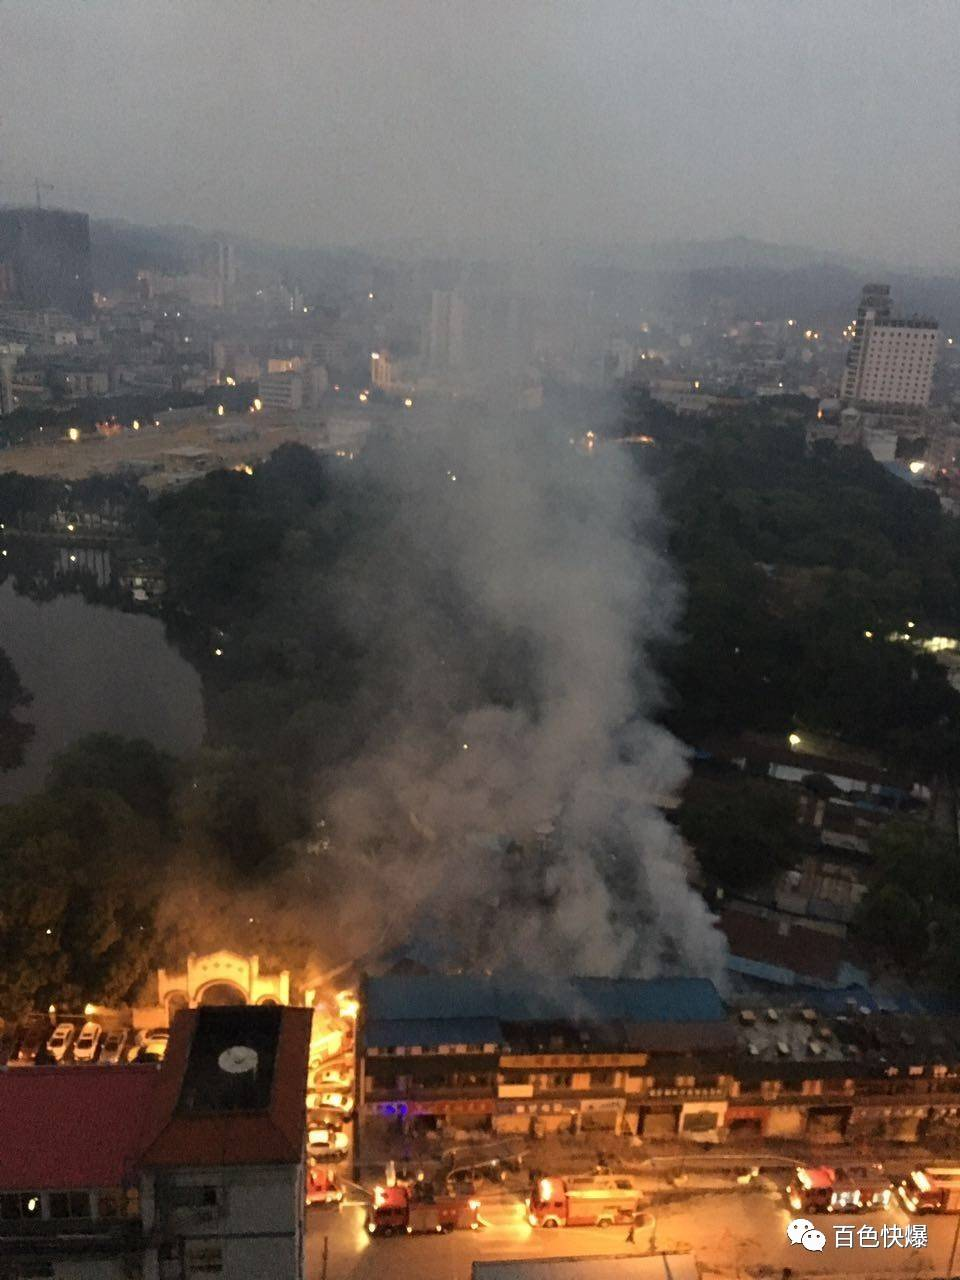 百色花鸟市场发生严重火灾  原因疑似......